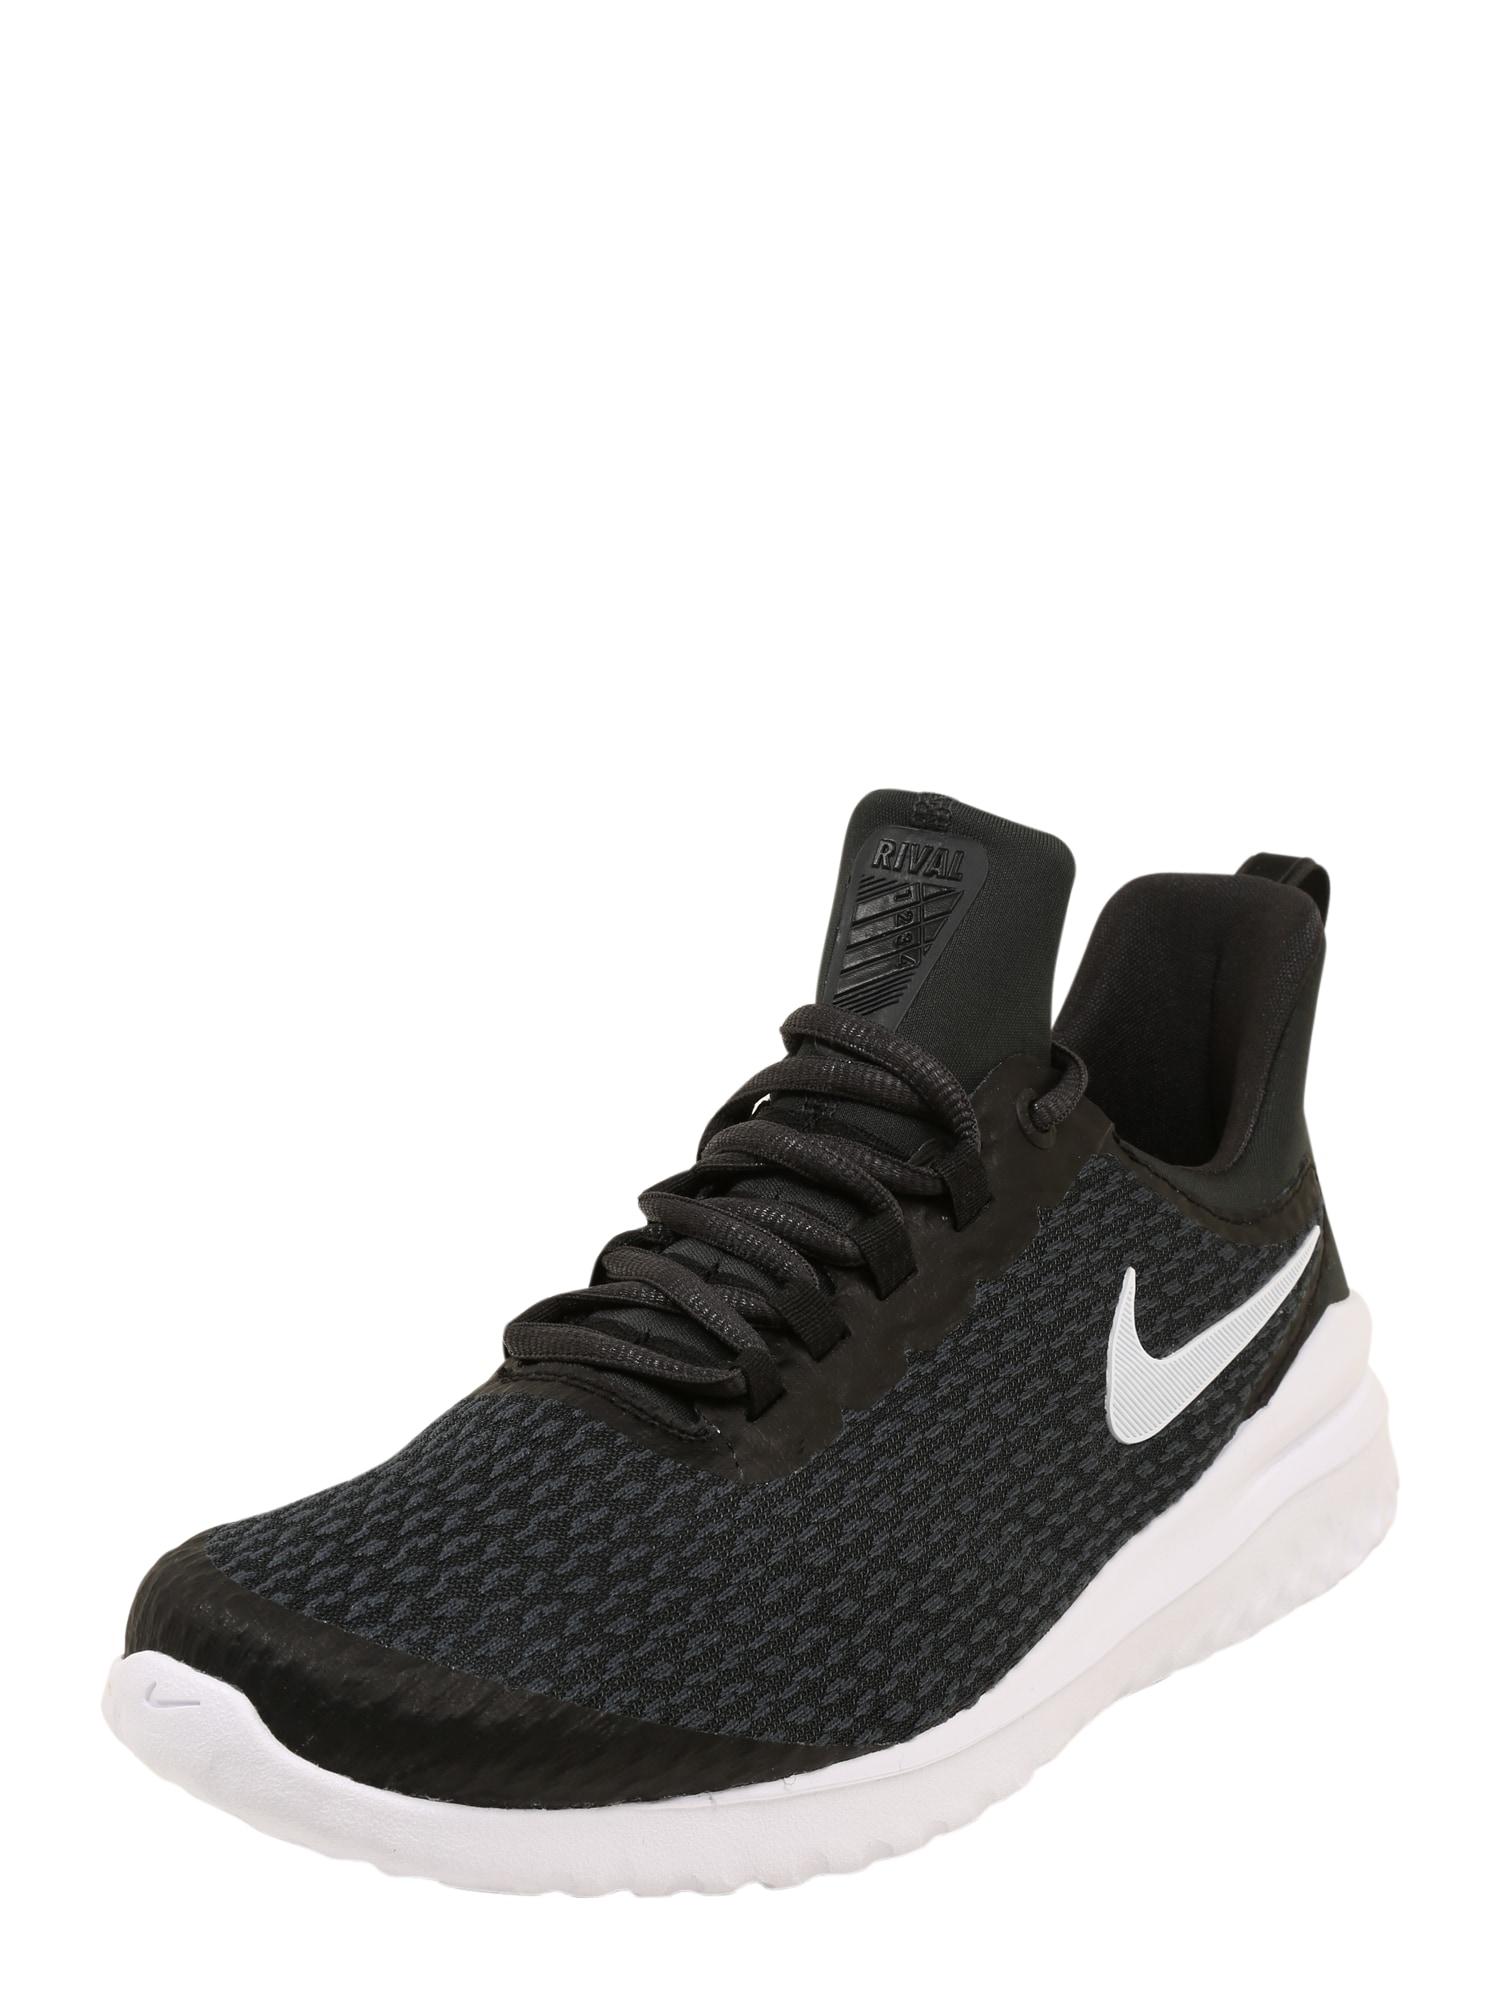 Běžecká obuv Renew Rival antracitová černá bílá NIKE